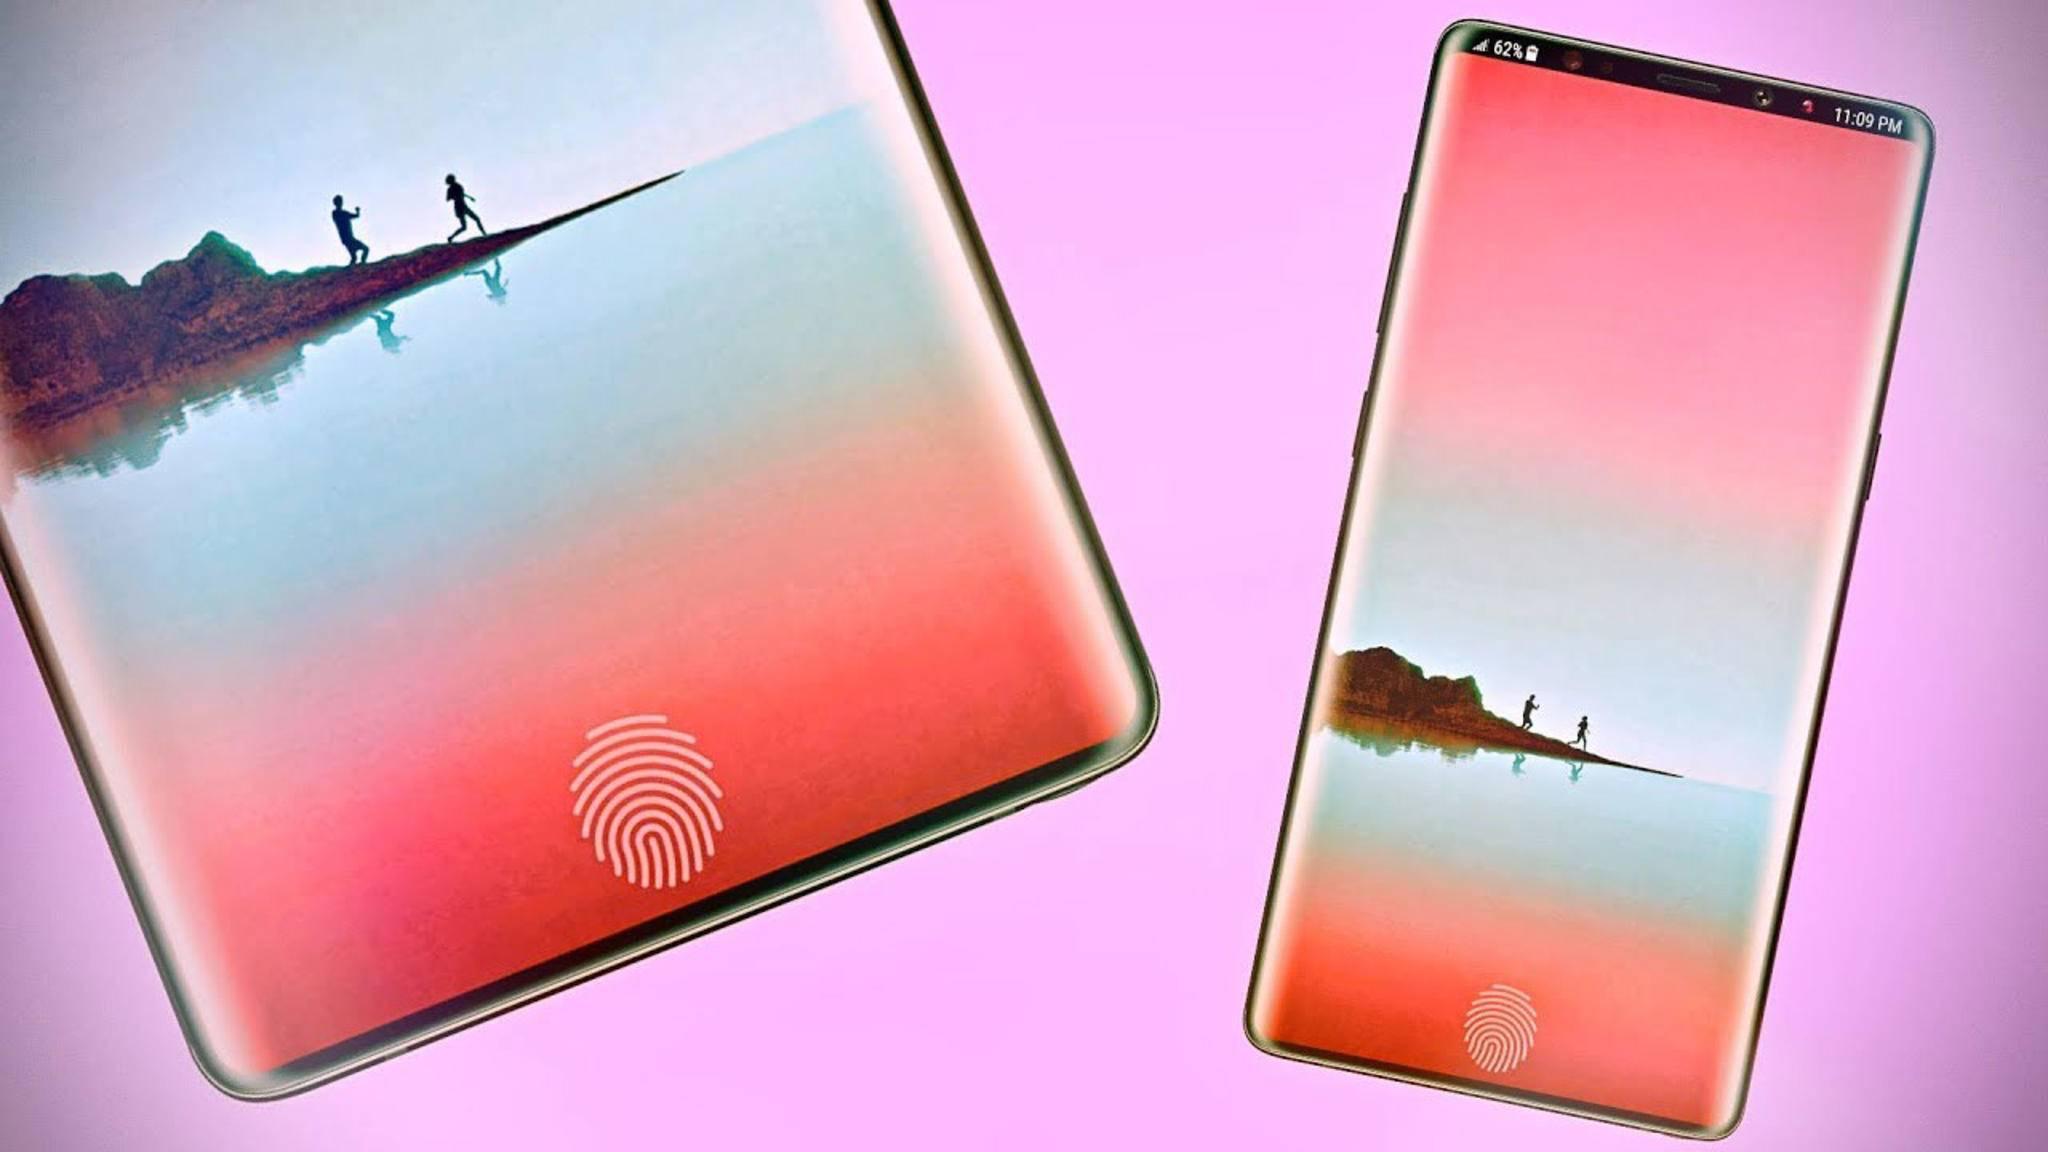 Das Galaxy Note 9 (Konzeptbild) wird wohl noch keinen Fingerabdrucksensor im Display bieten.